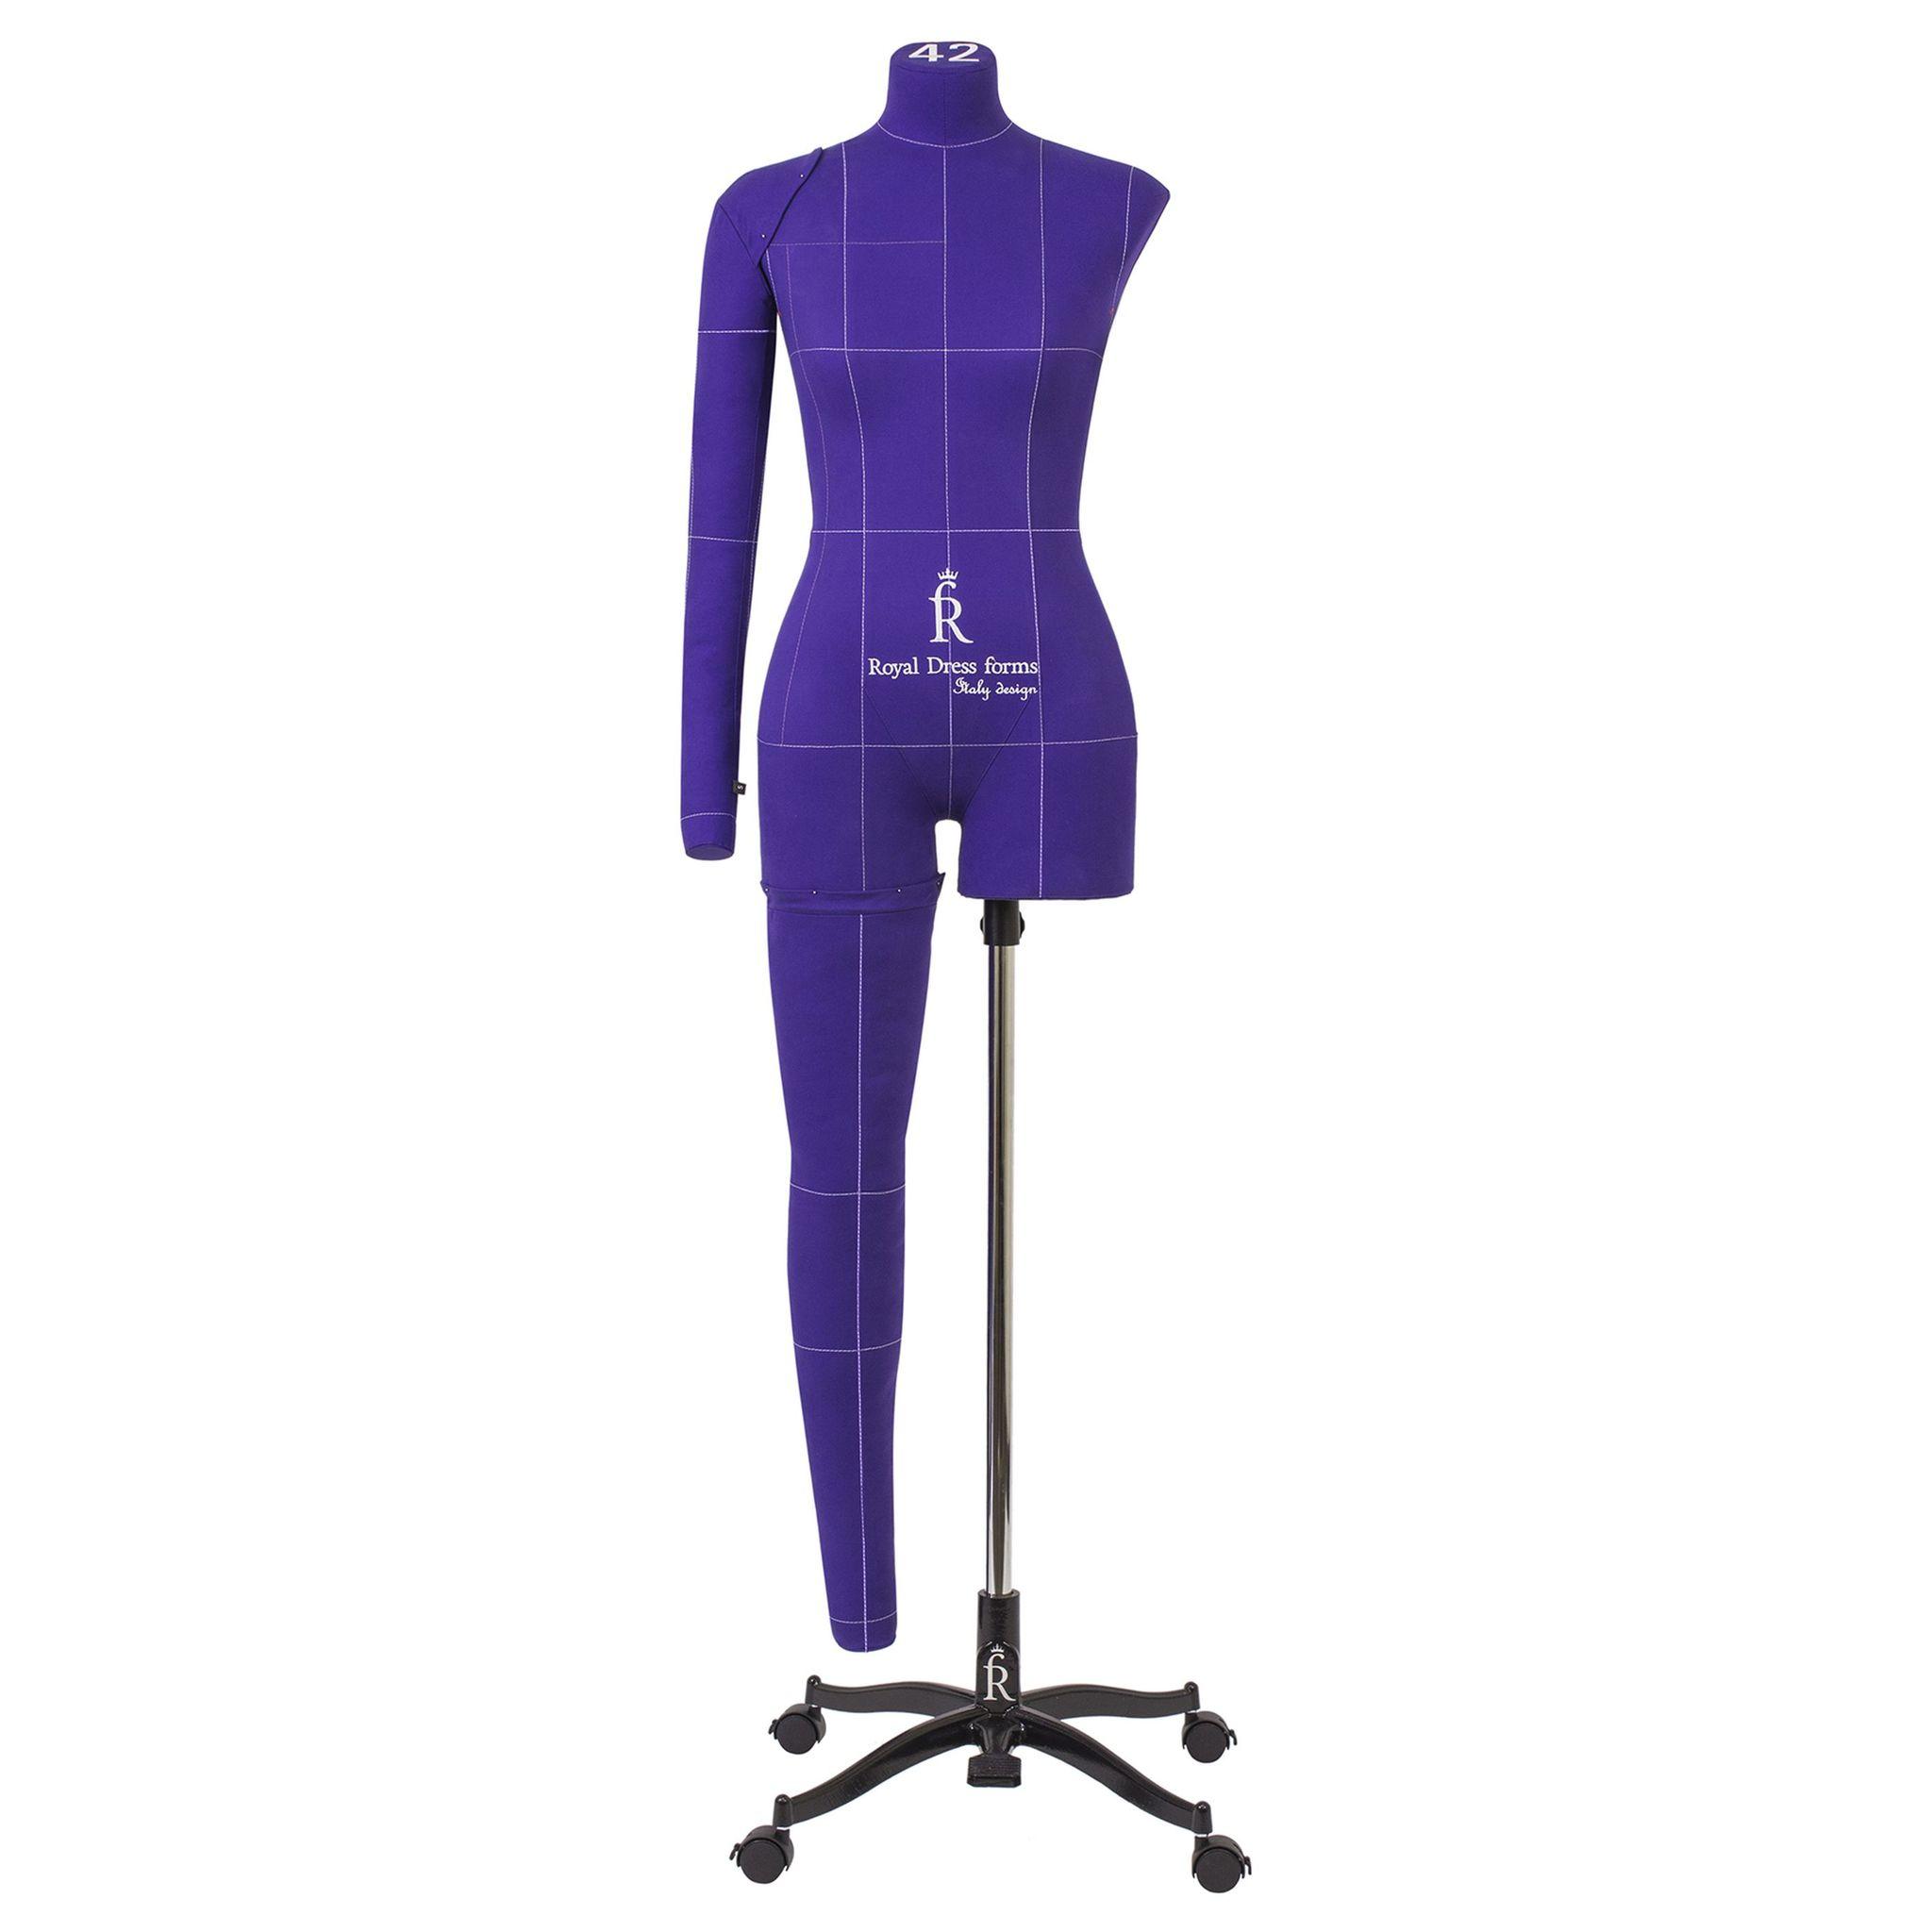 Манекен портновский Моника Арт, фиолетовый, 40 размер